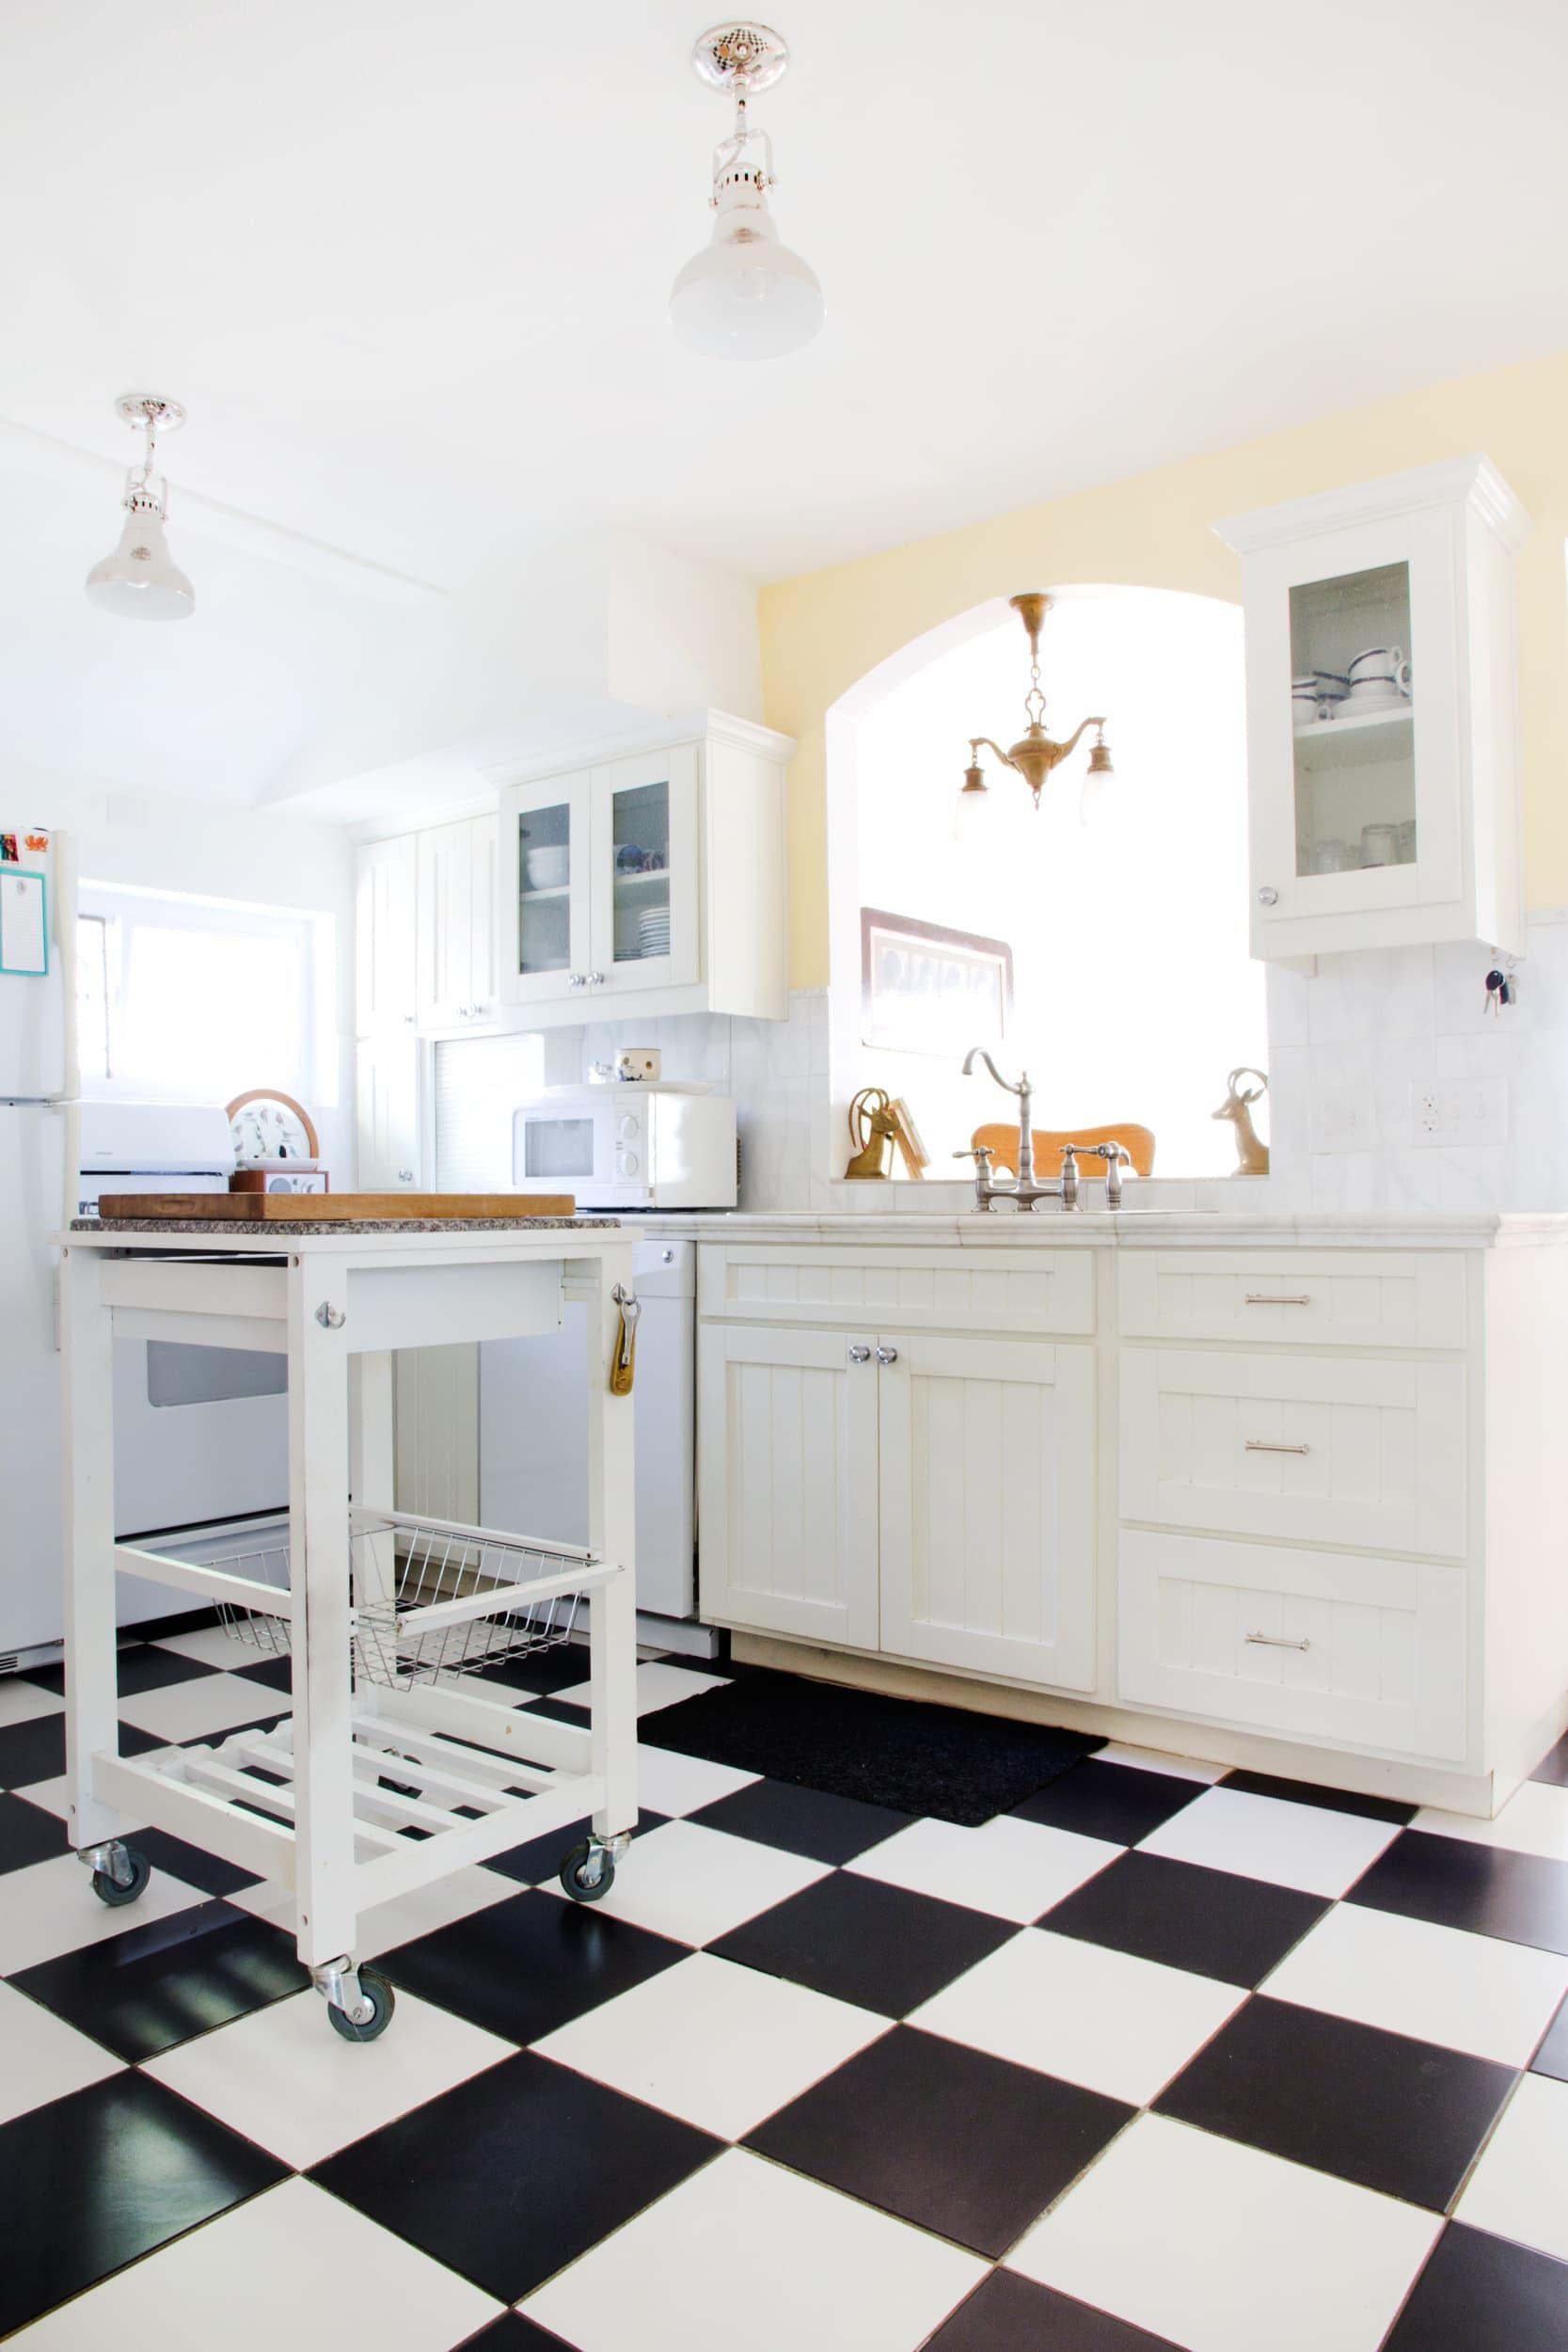 black and white checkered kitchen